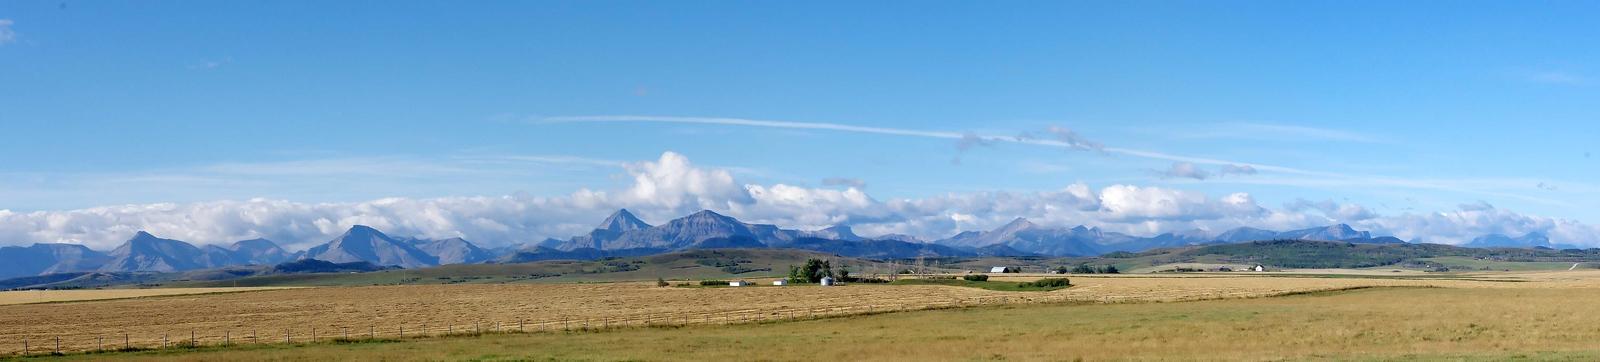 Prairie to Mountains